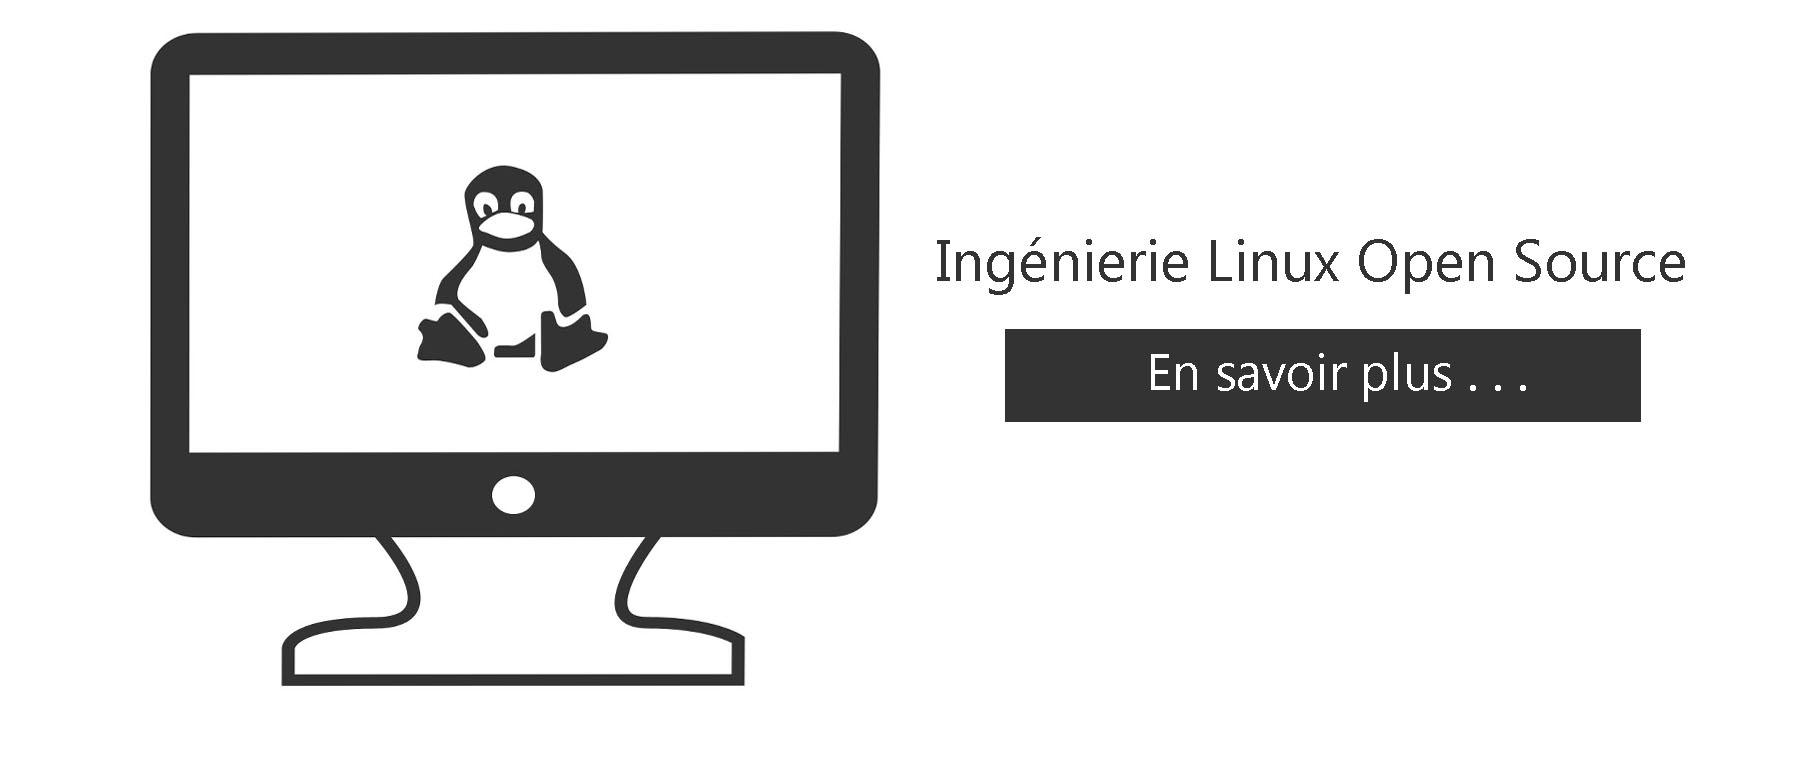 Ingénierie Linux Open Source